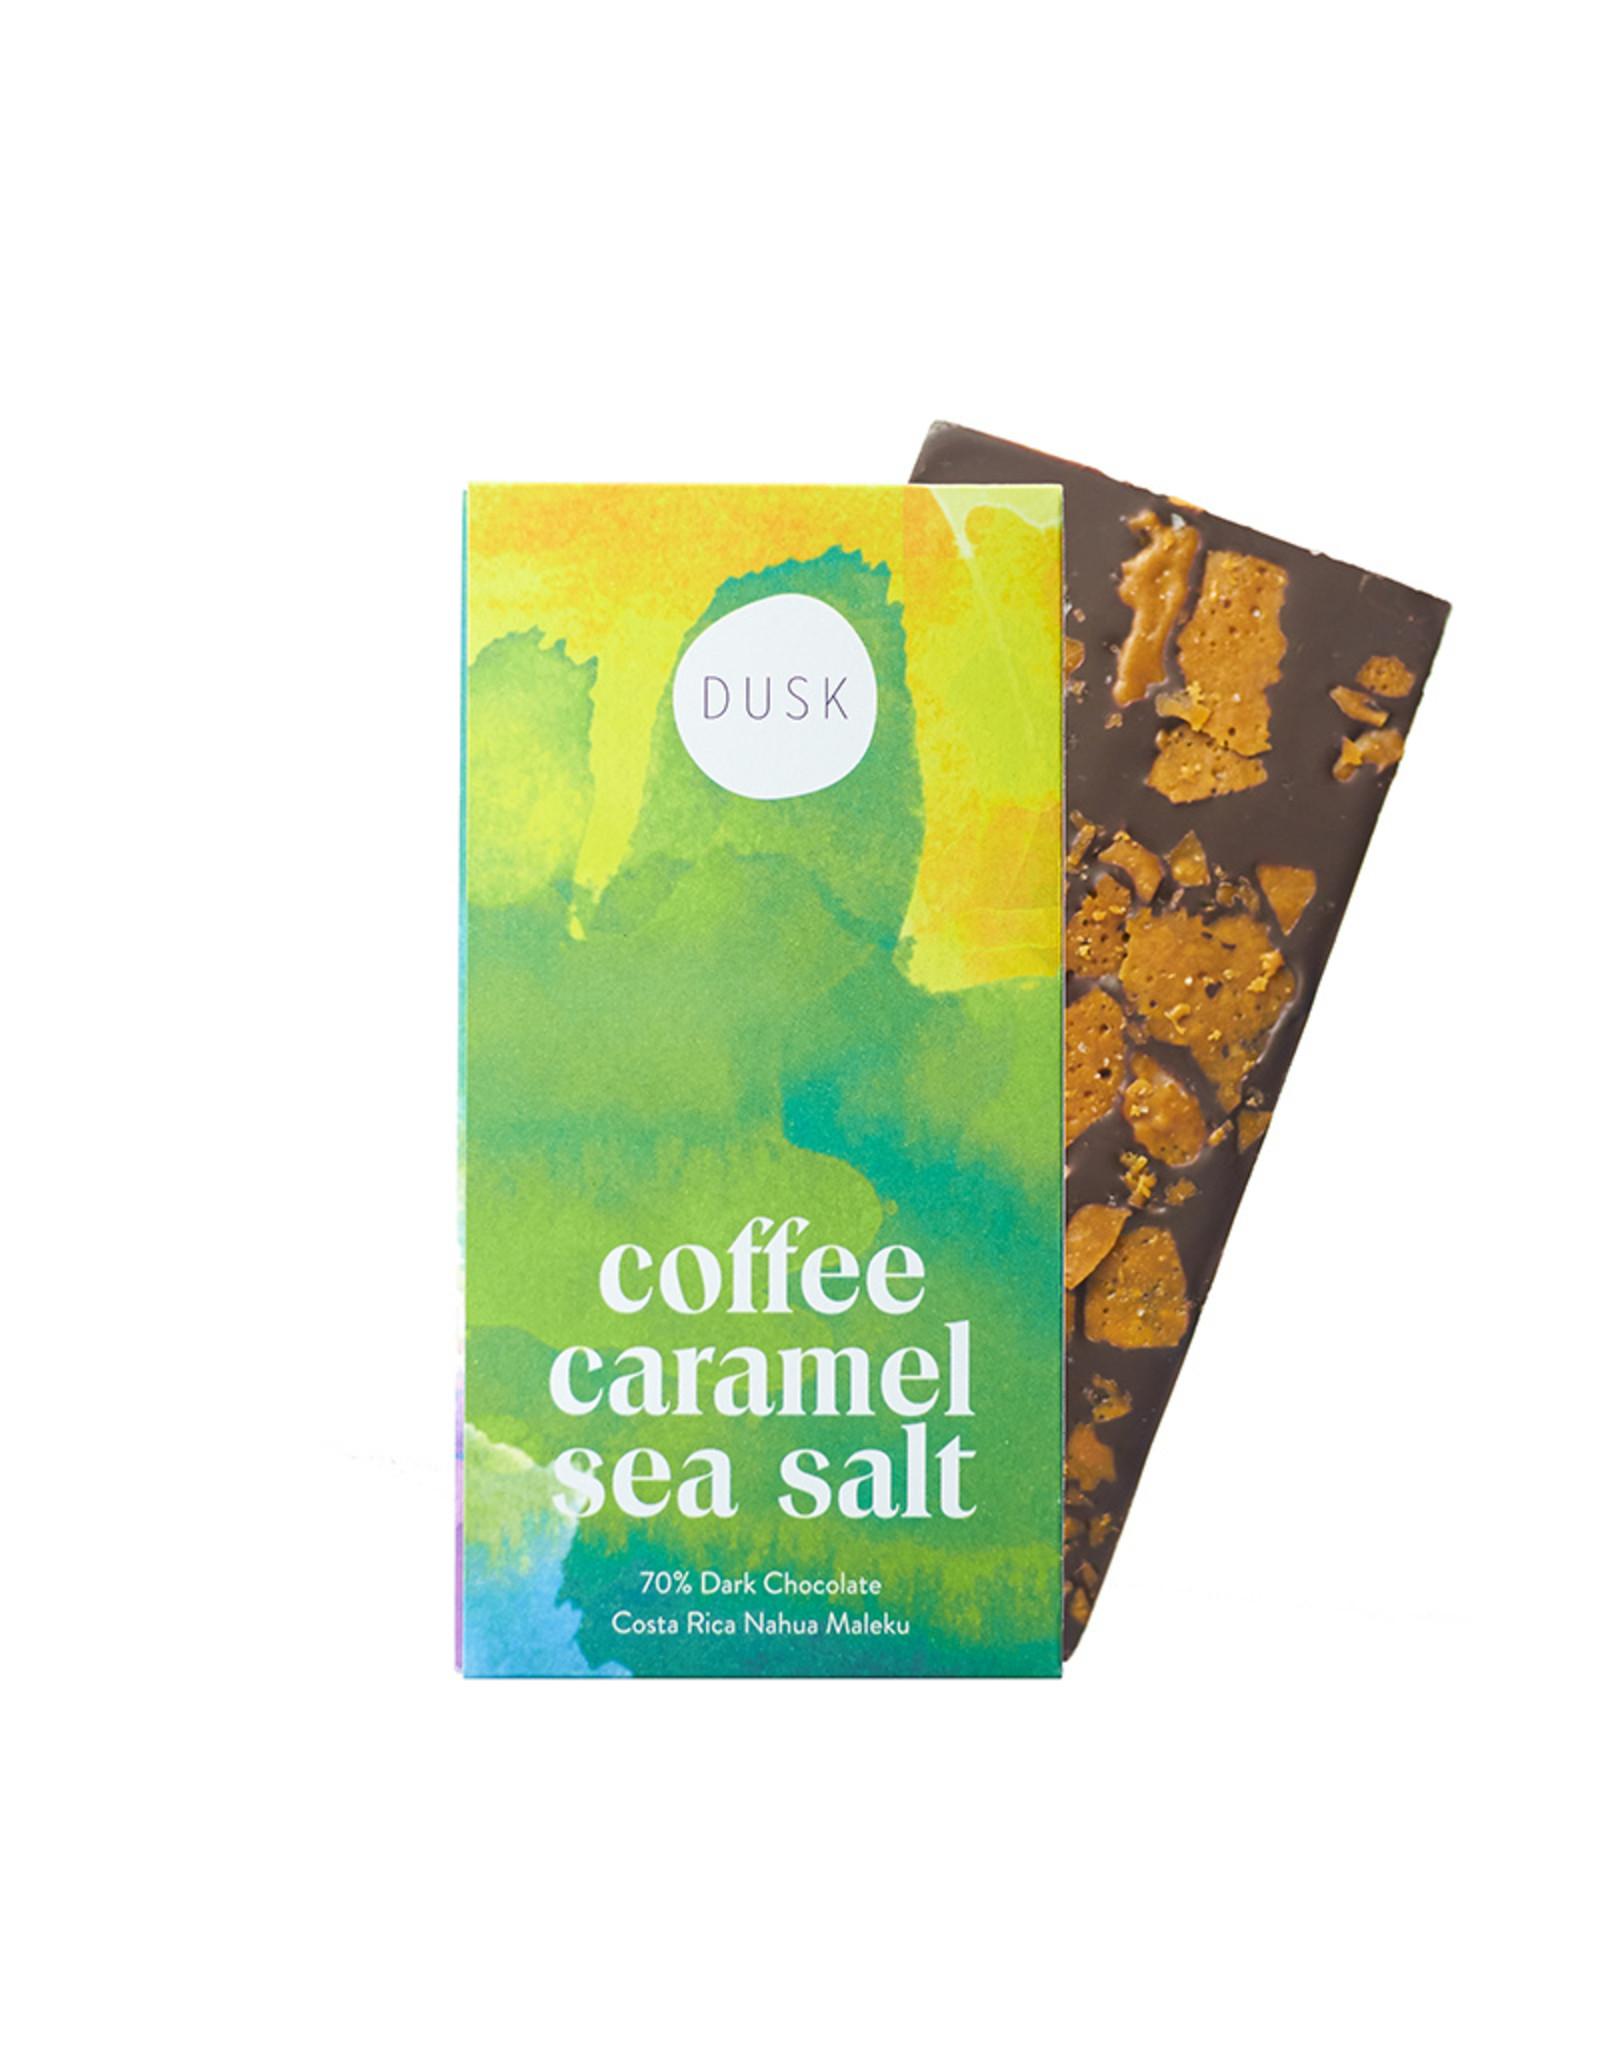 Dusk Dusk Chocolate - Coffee Caramel Sea Salt